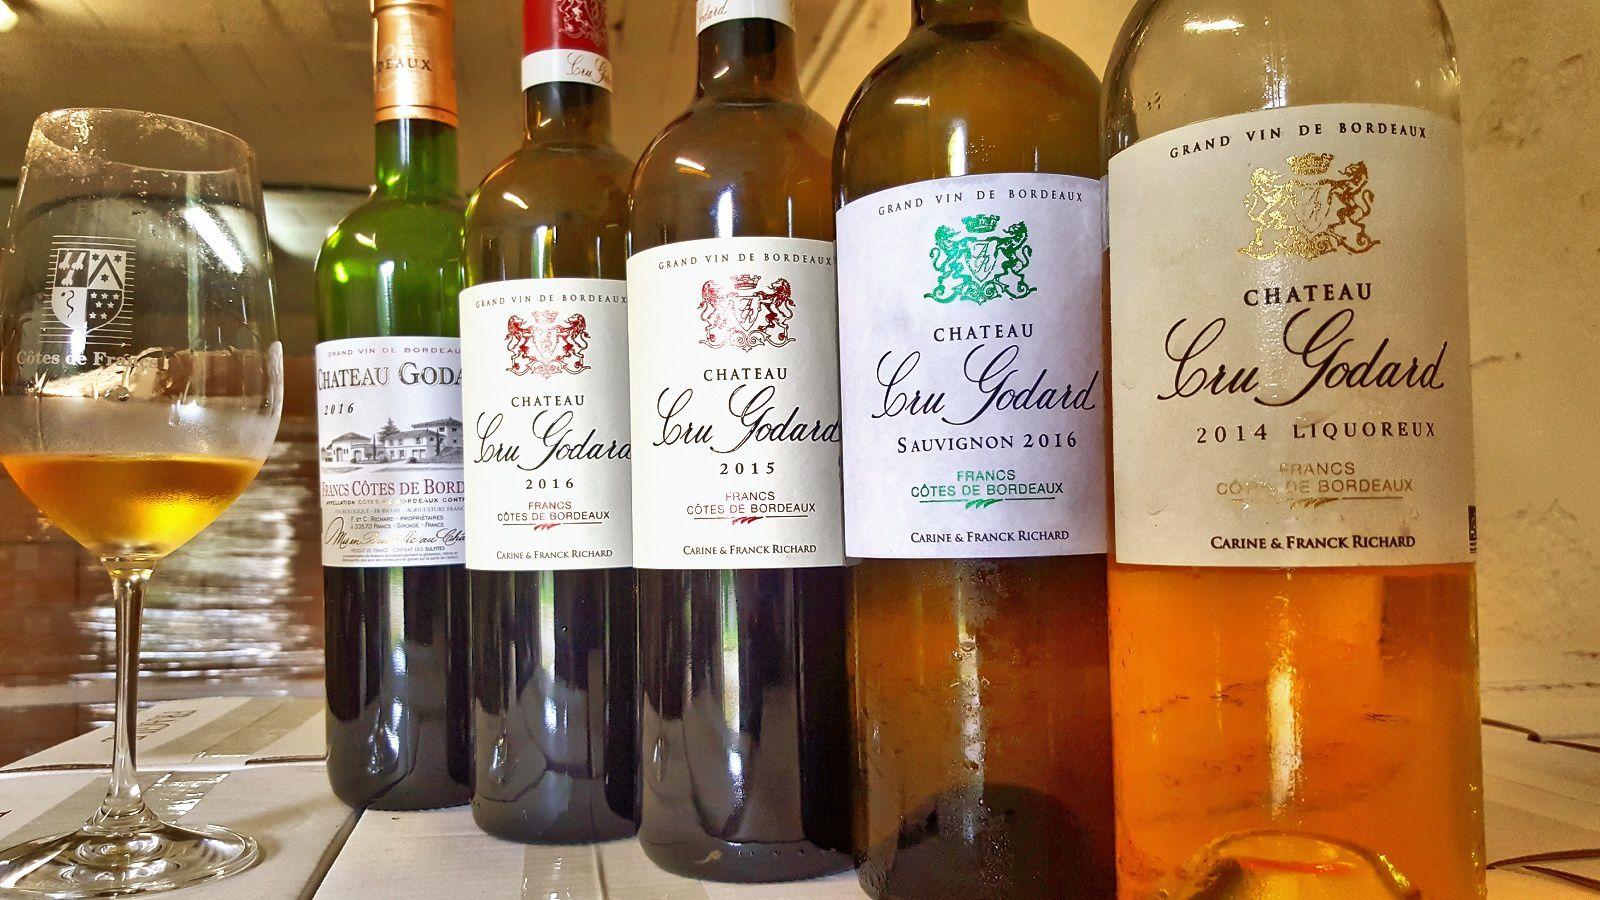 Le Cru Godard propose une gamme assez large de vins, d'une excellente homogénéité dans la qualité.